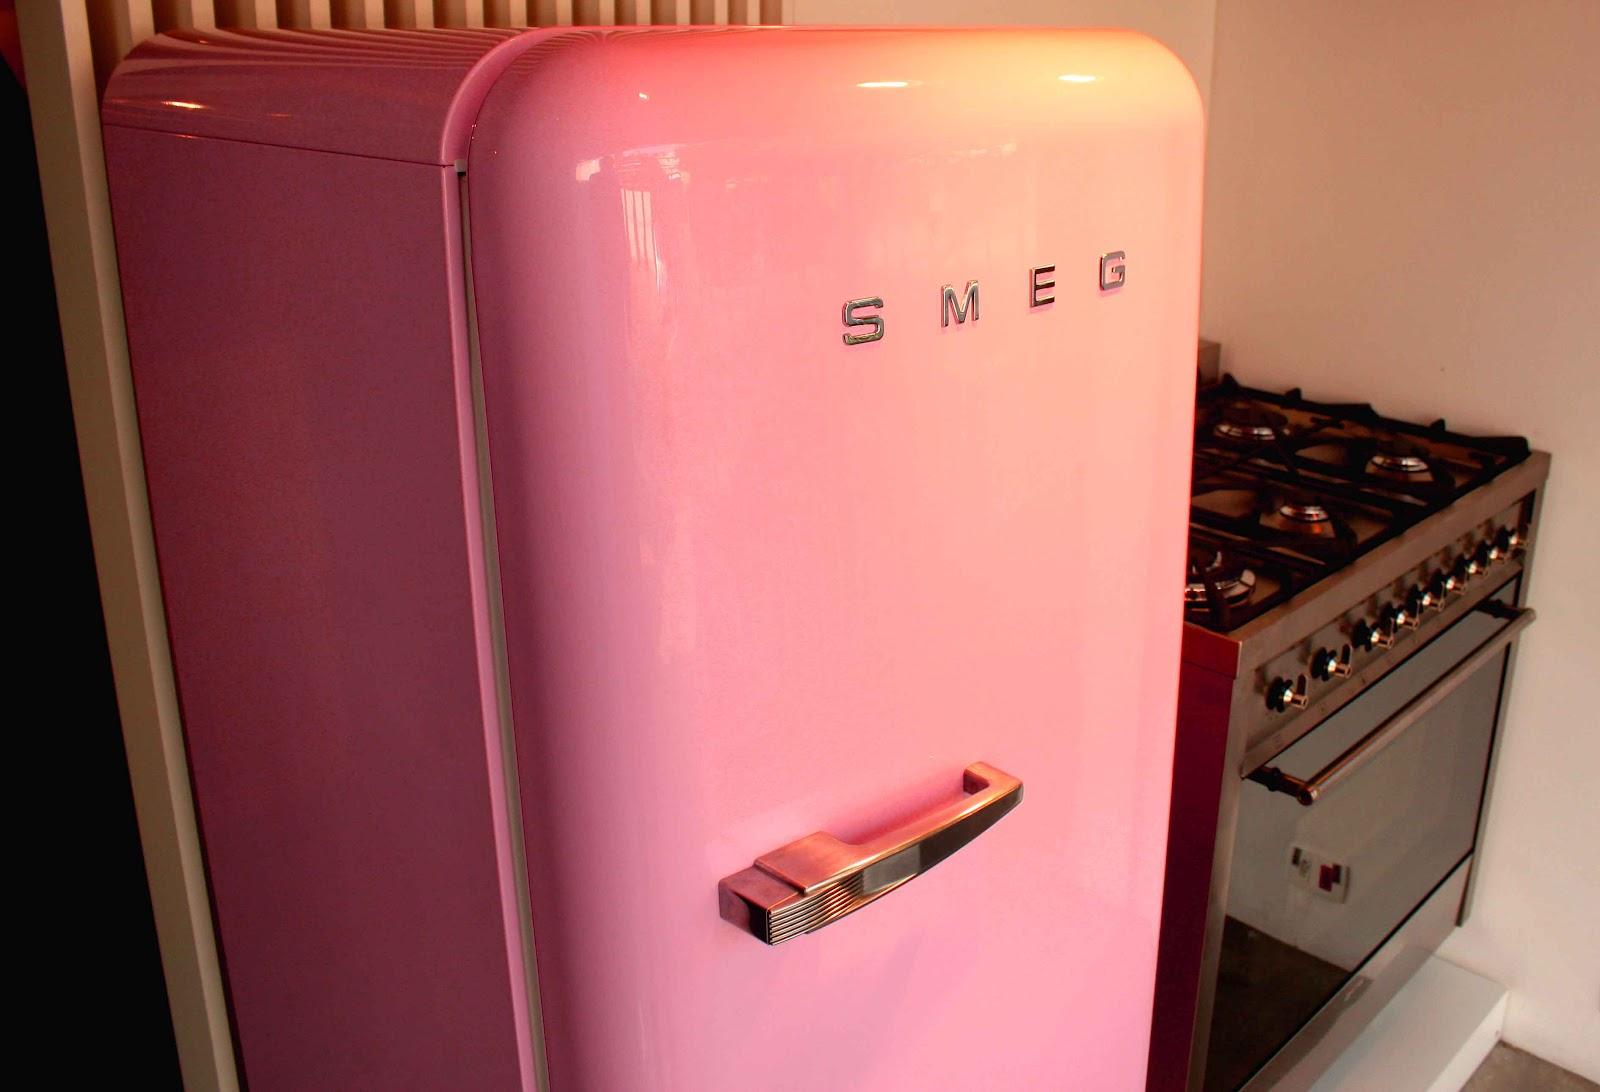 Smeg Kühlschrank Pink : Smeg rosa smeg fab lro standk hlschrank cadillac pink rosa k